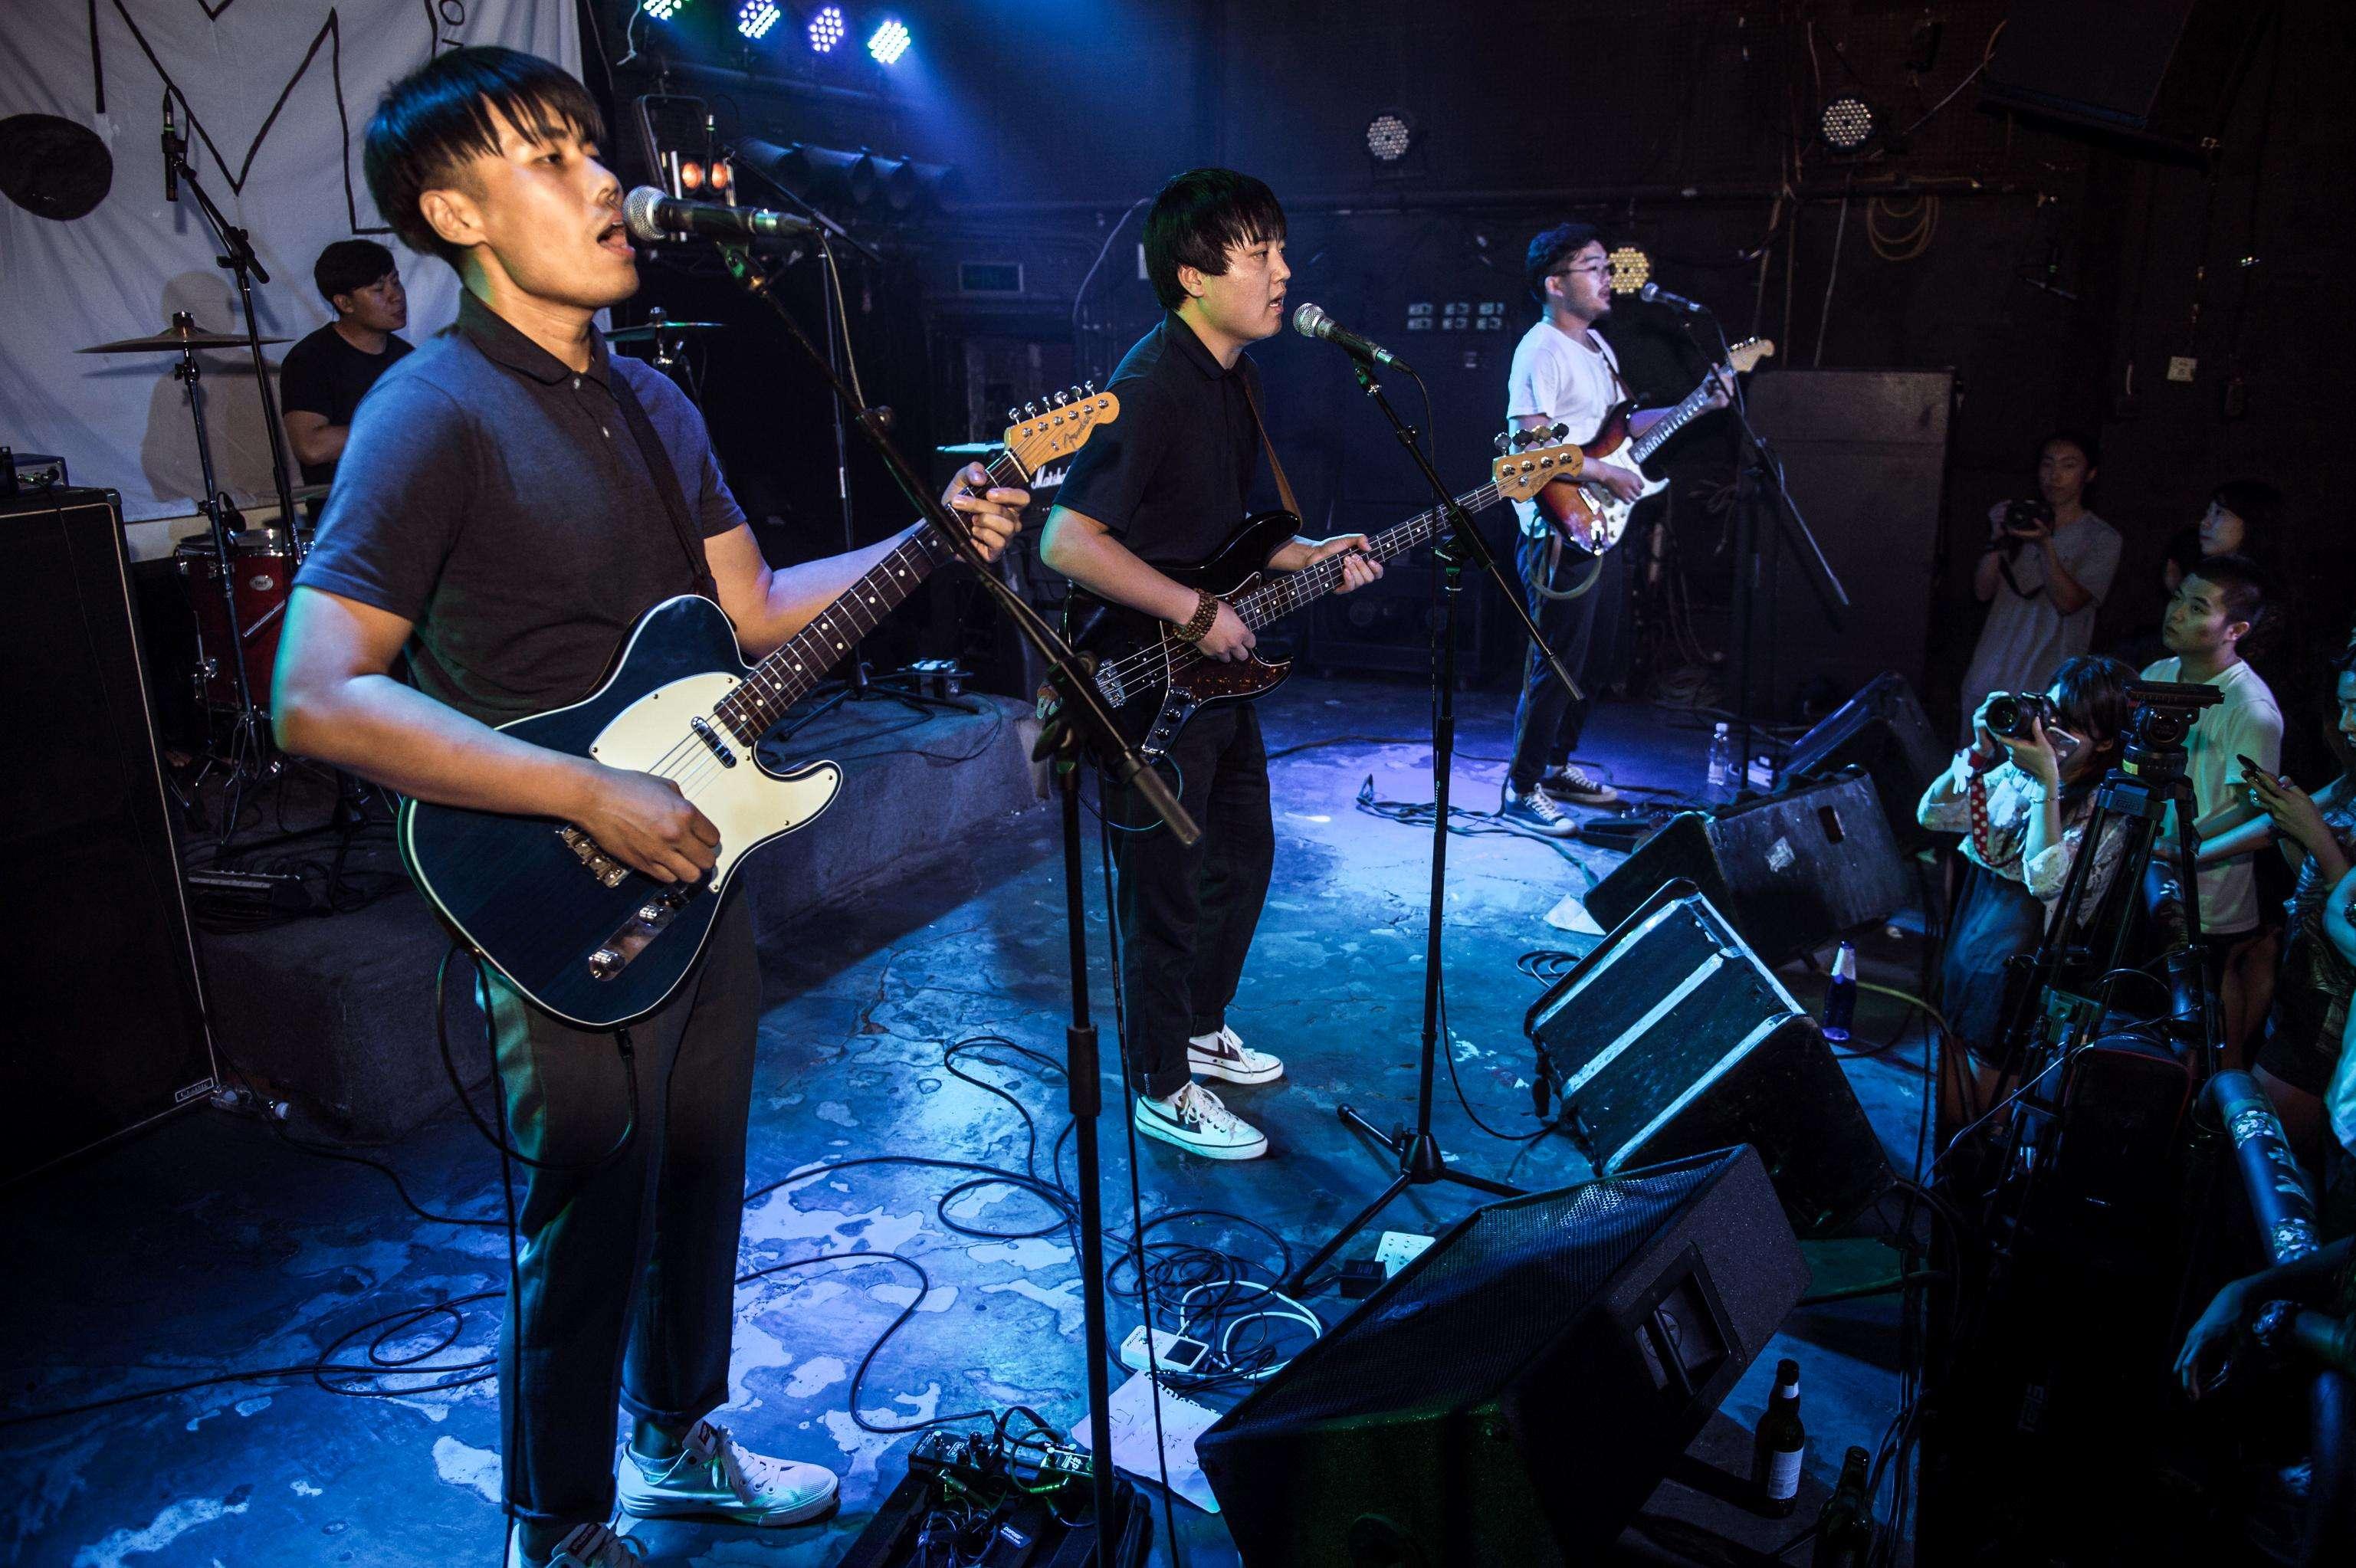 2020年理想后花园乐队郑州演唱会(时间、地点、门票价格)详解介绍